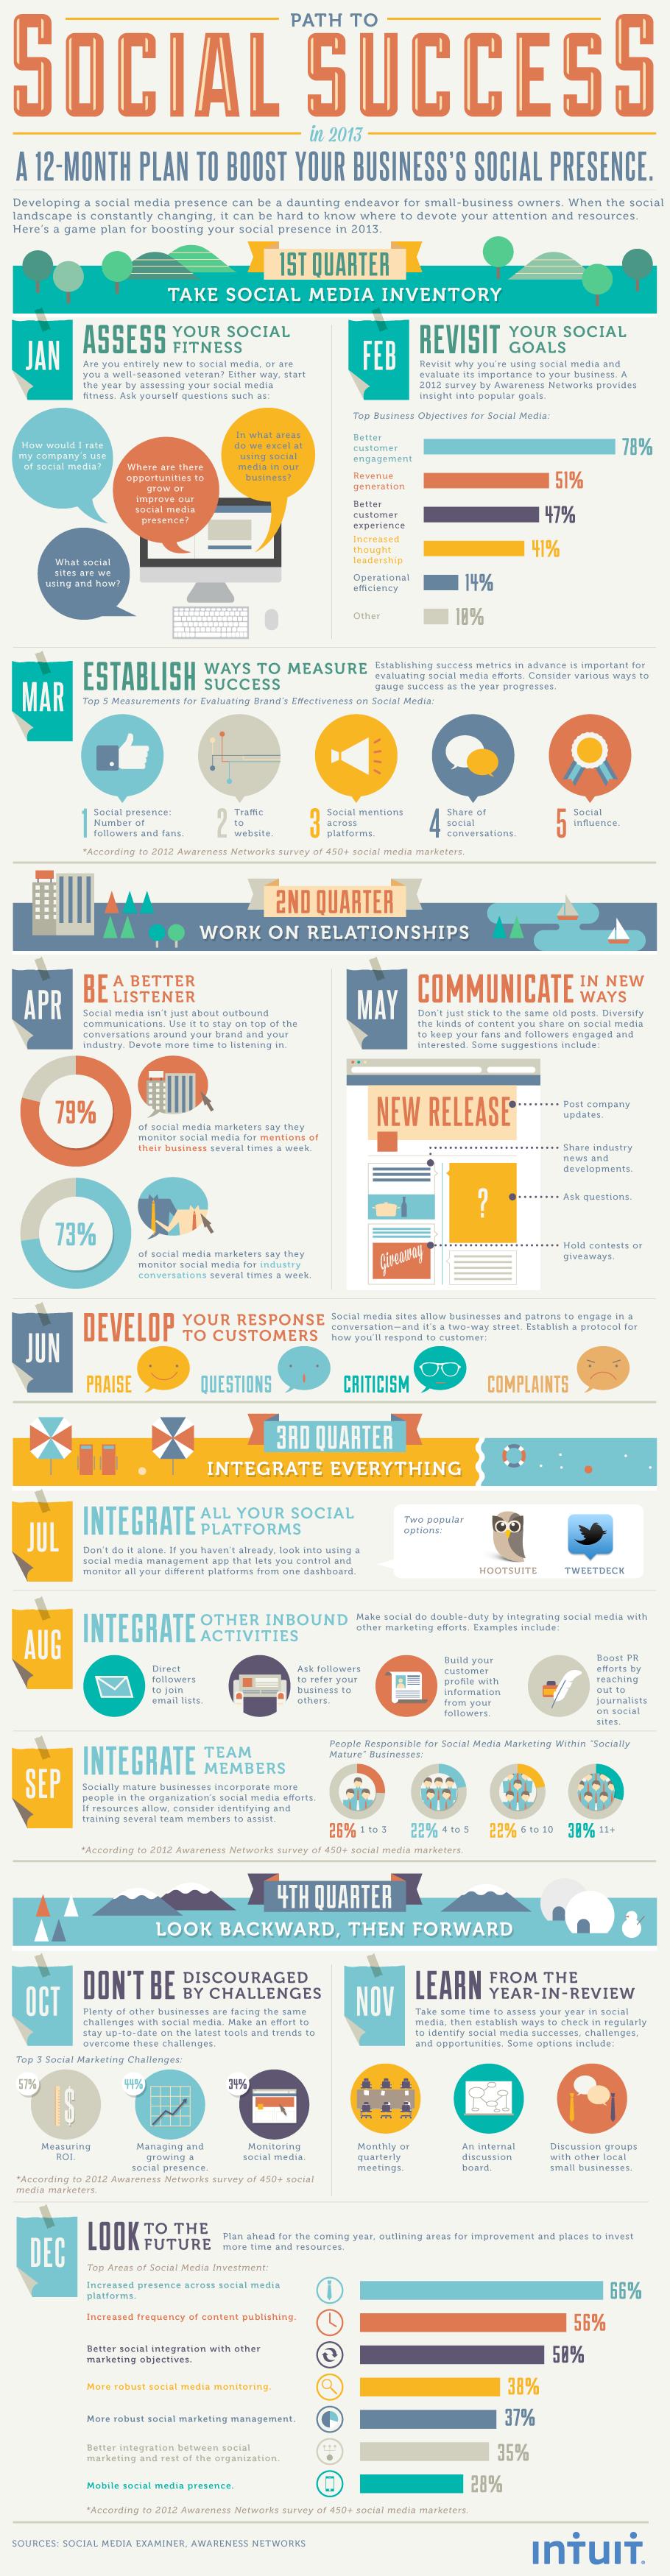 El camino de 12 meses que las empresas tendrán que recorrer este 2013 para alcanzar el éxito en los medios sociales